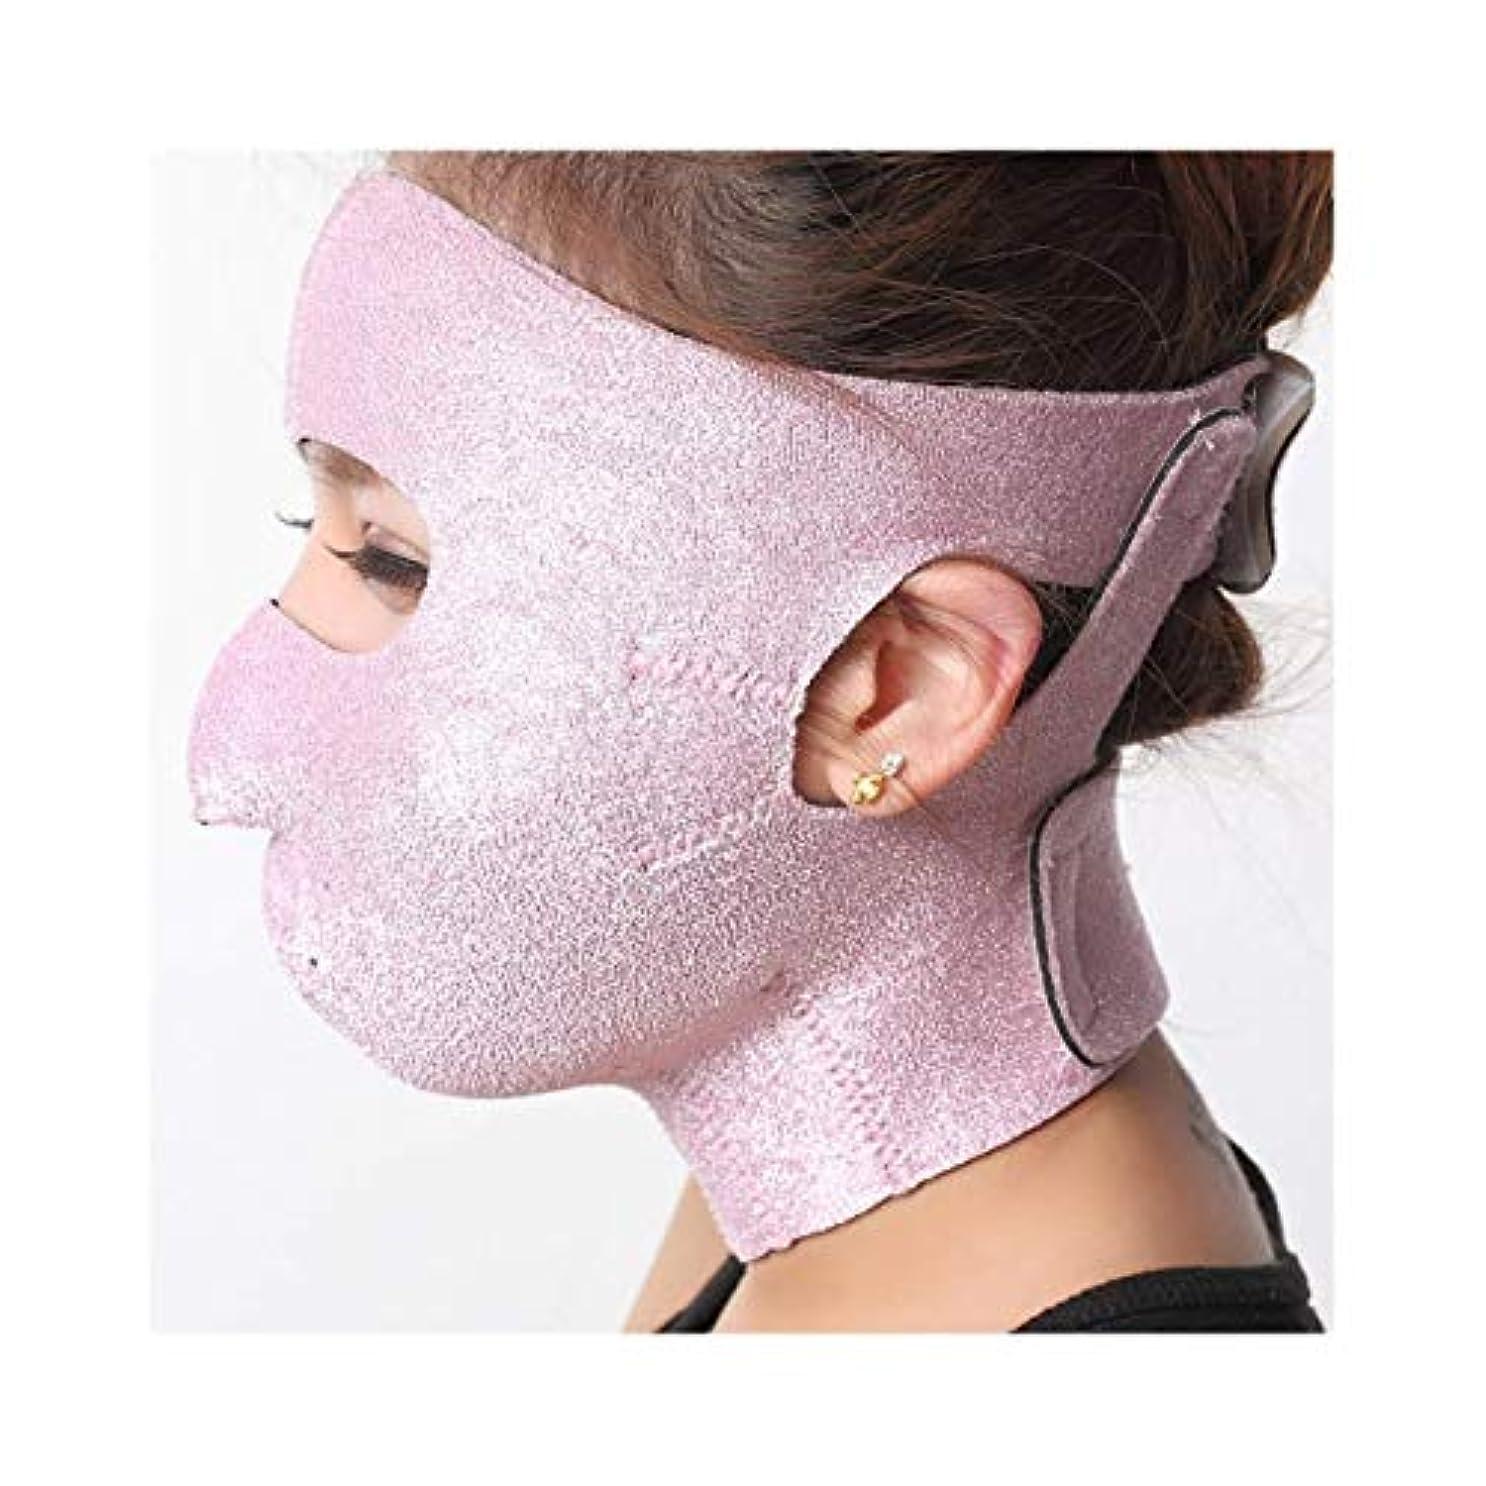 継続中能力改善する引き締めフェイスマスク、小さなV顔アーティファクト睡眠薄い顔包帯マスクWithリフティングマスクファーミングクリームフェイスリフトフェイスメロンフェイスインストゥルメント